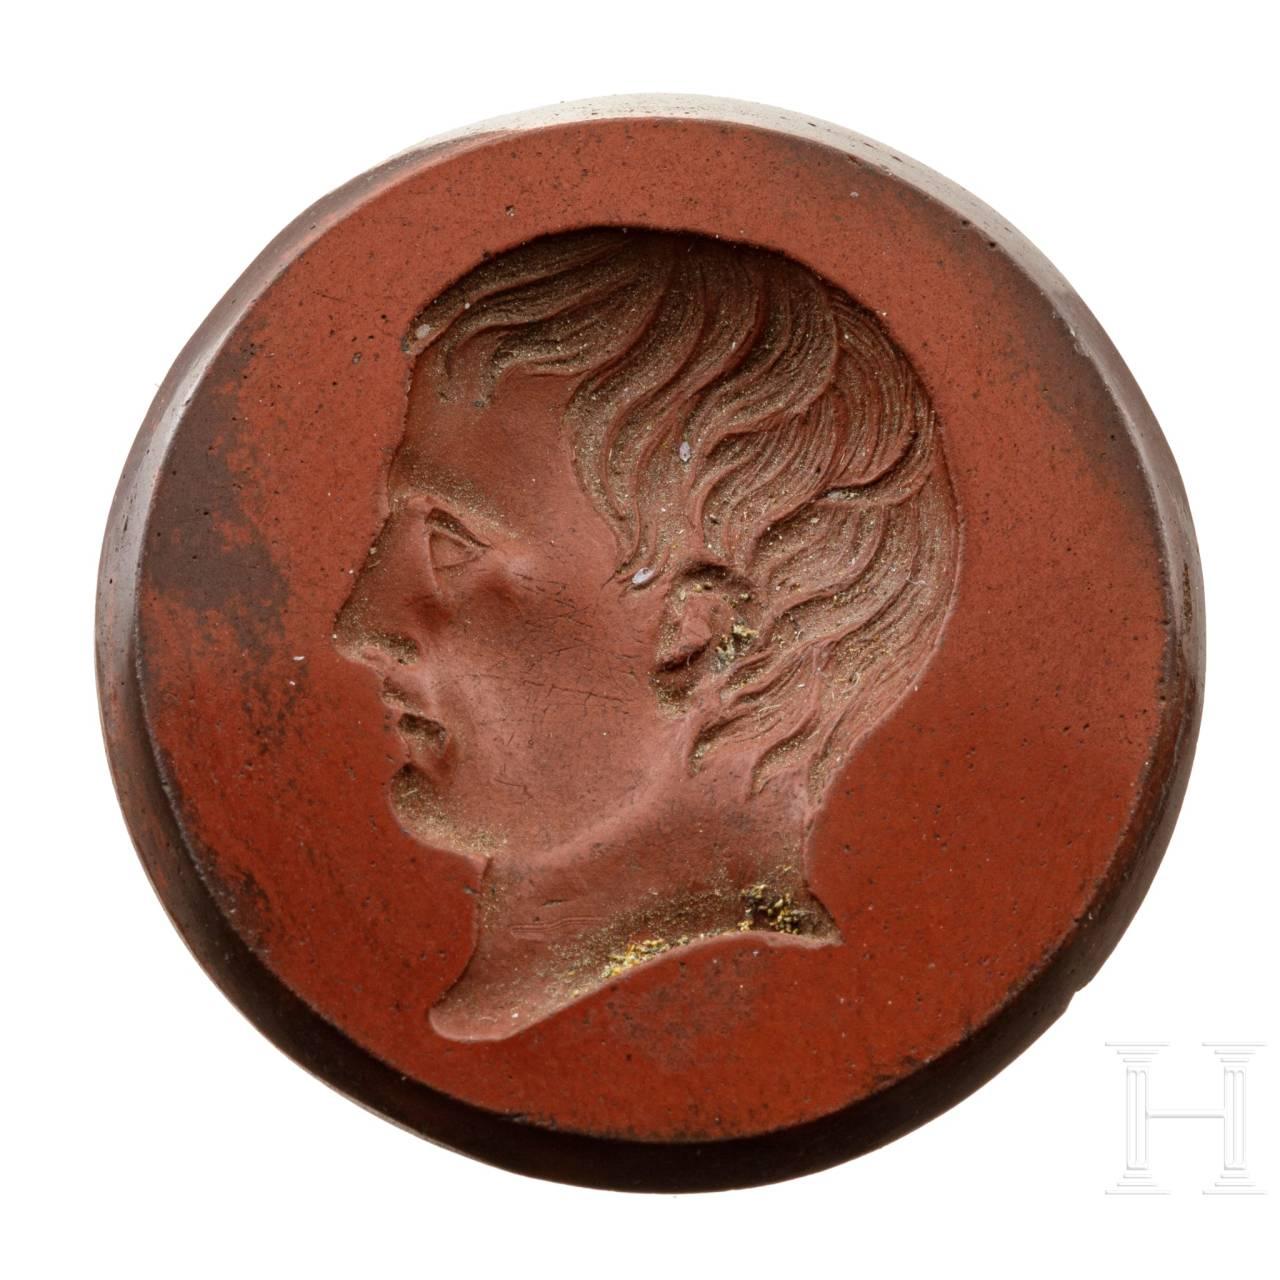 Gemme mit dem Profil von Napoleon Bonaparte, 19. Jhdt.